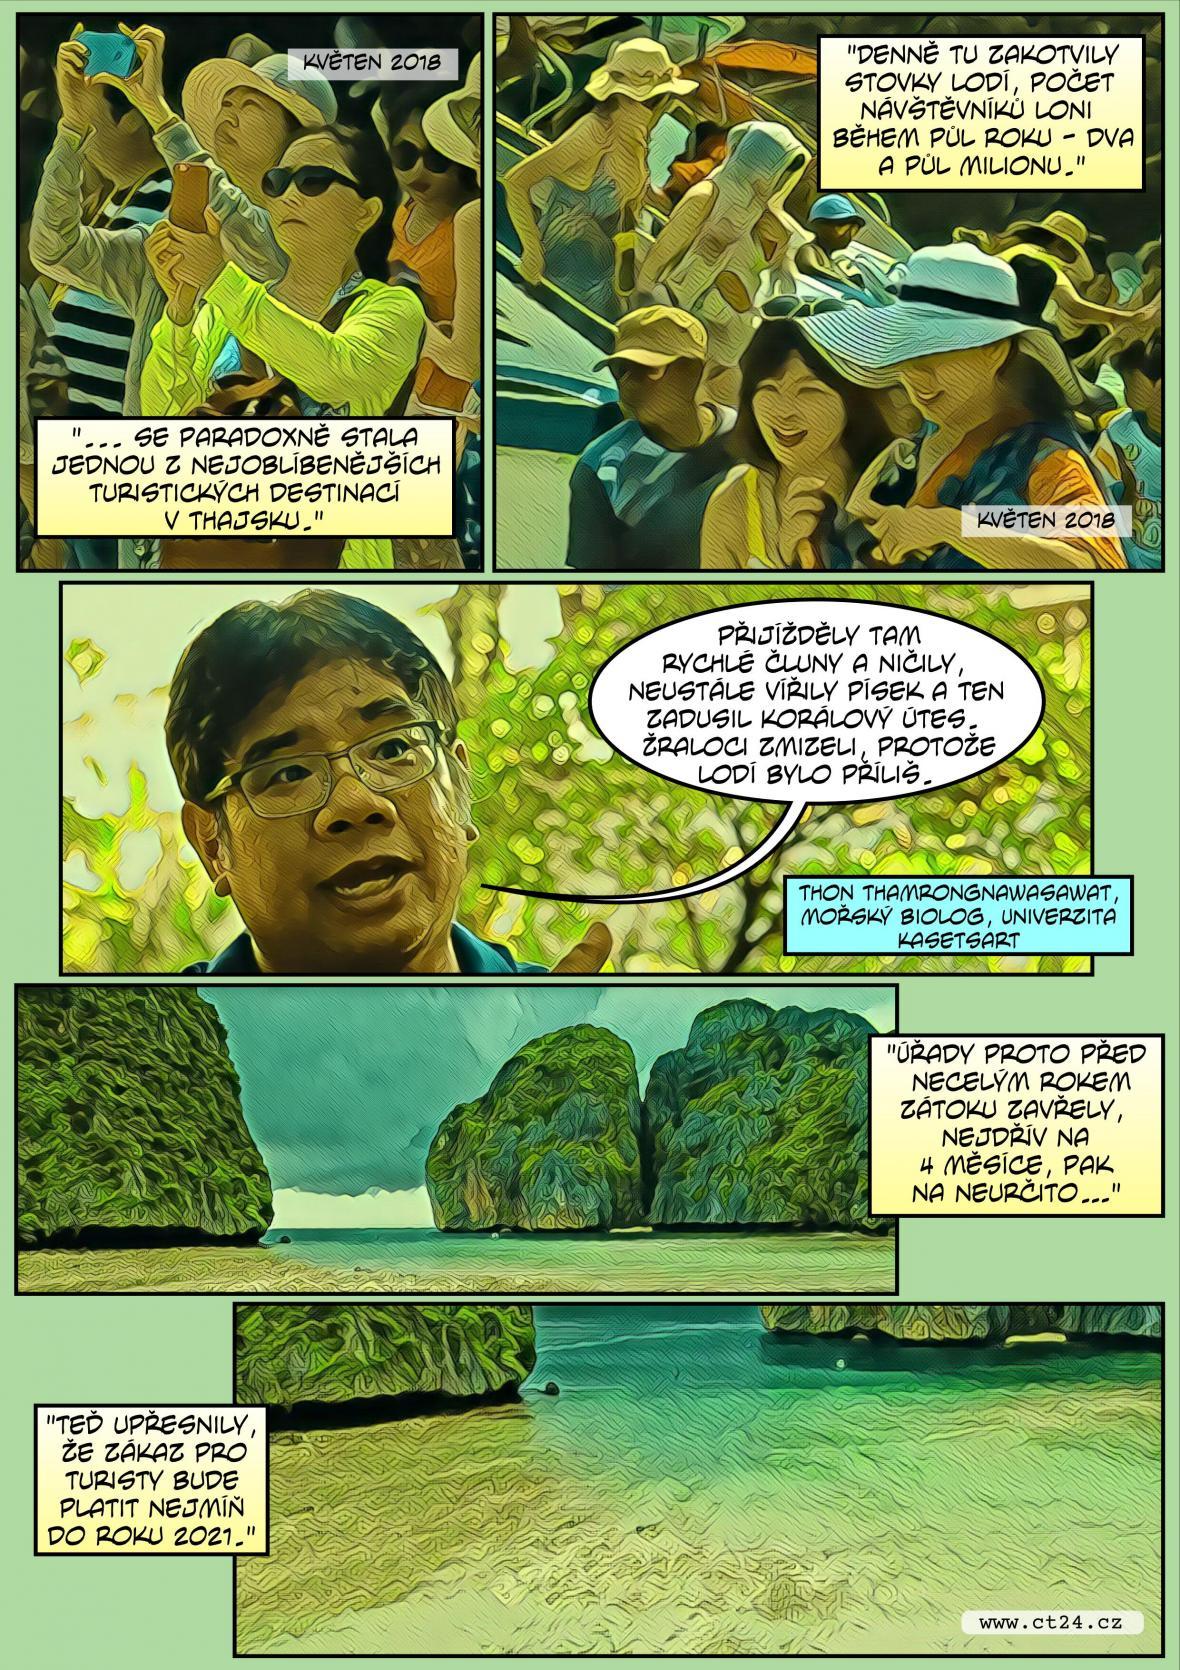 Komiks: Slavná pláž se vzpamatovává z turismu